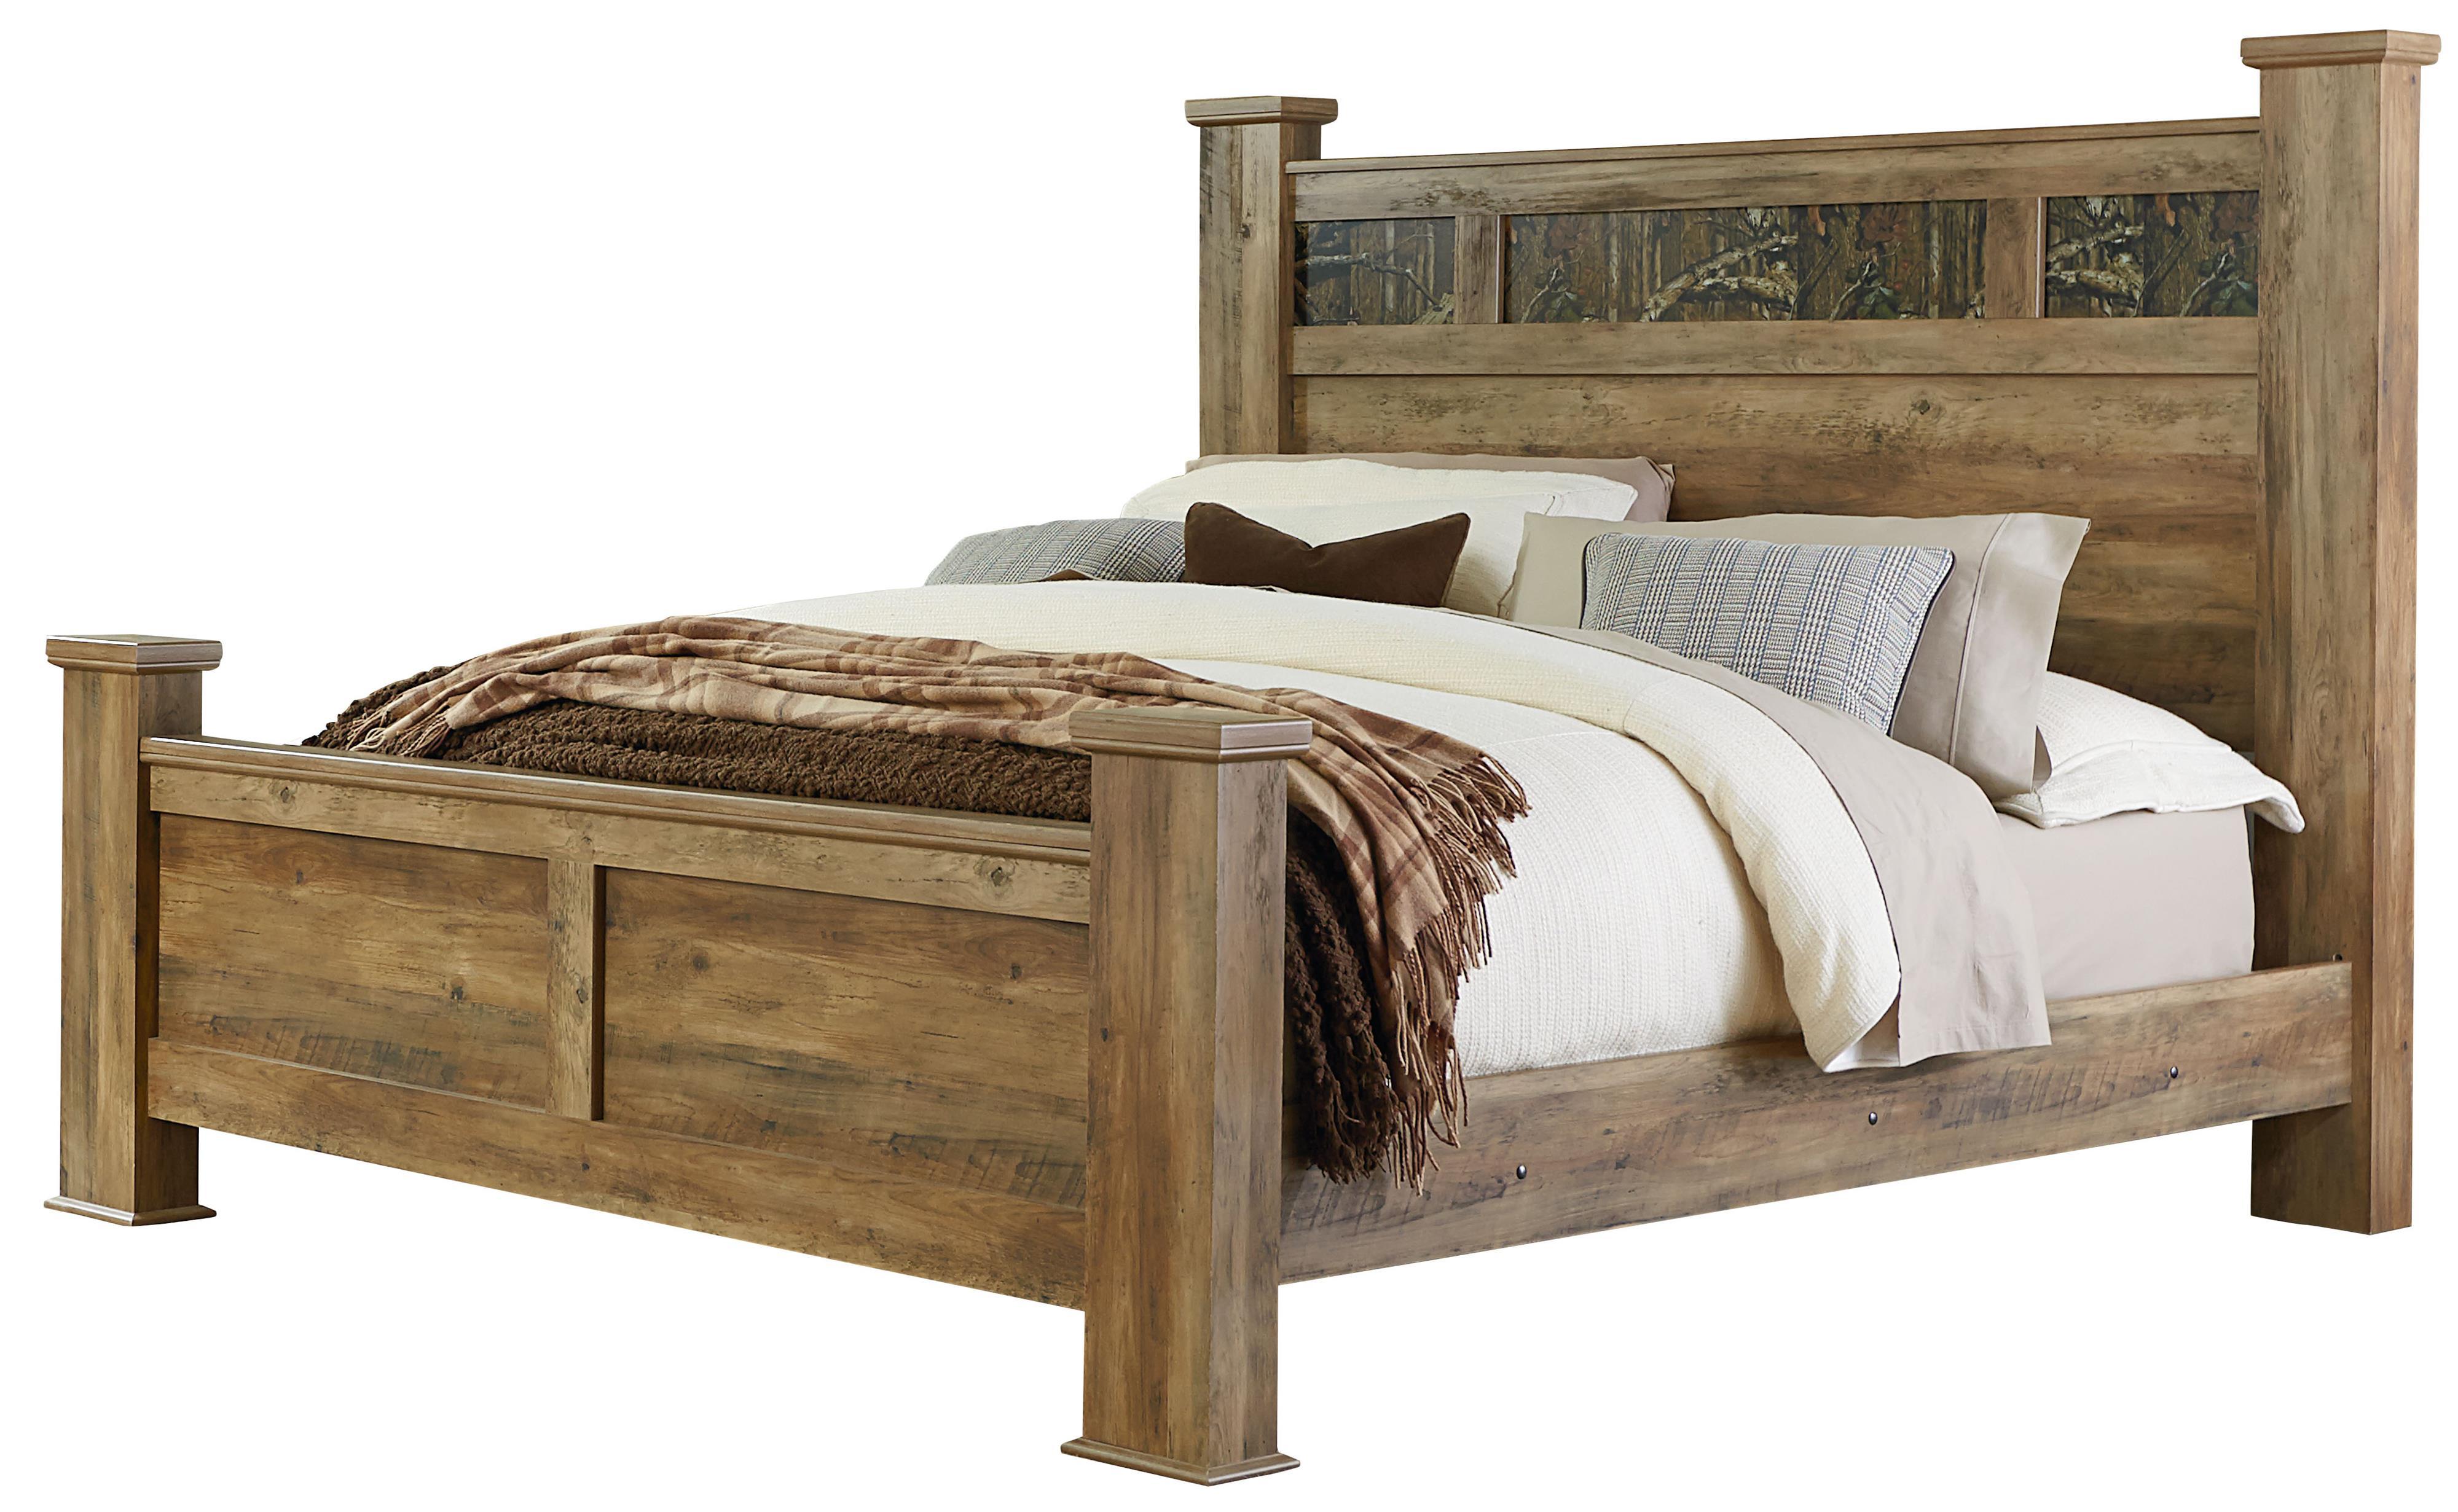 Standard Furniture Habitat Queen Panel Bed - Item Number: 55452+55462+55460+2x2055452